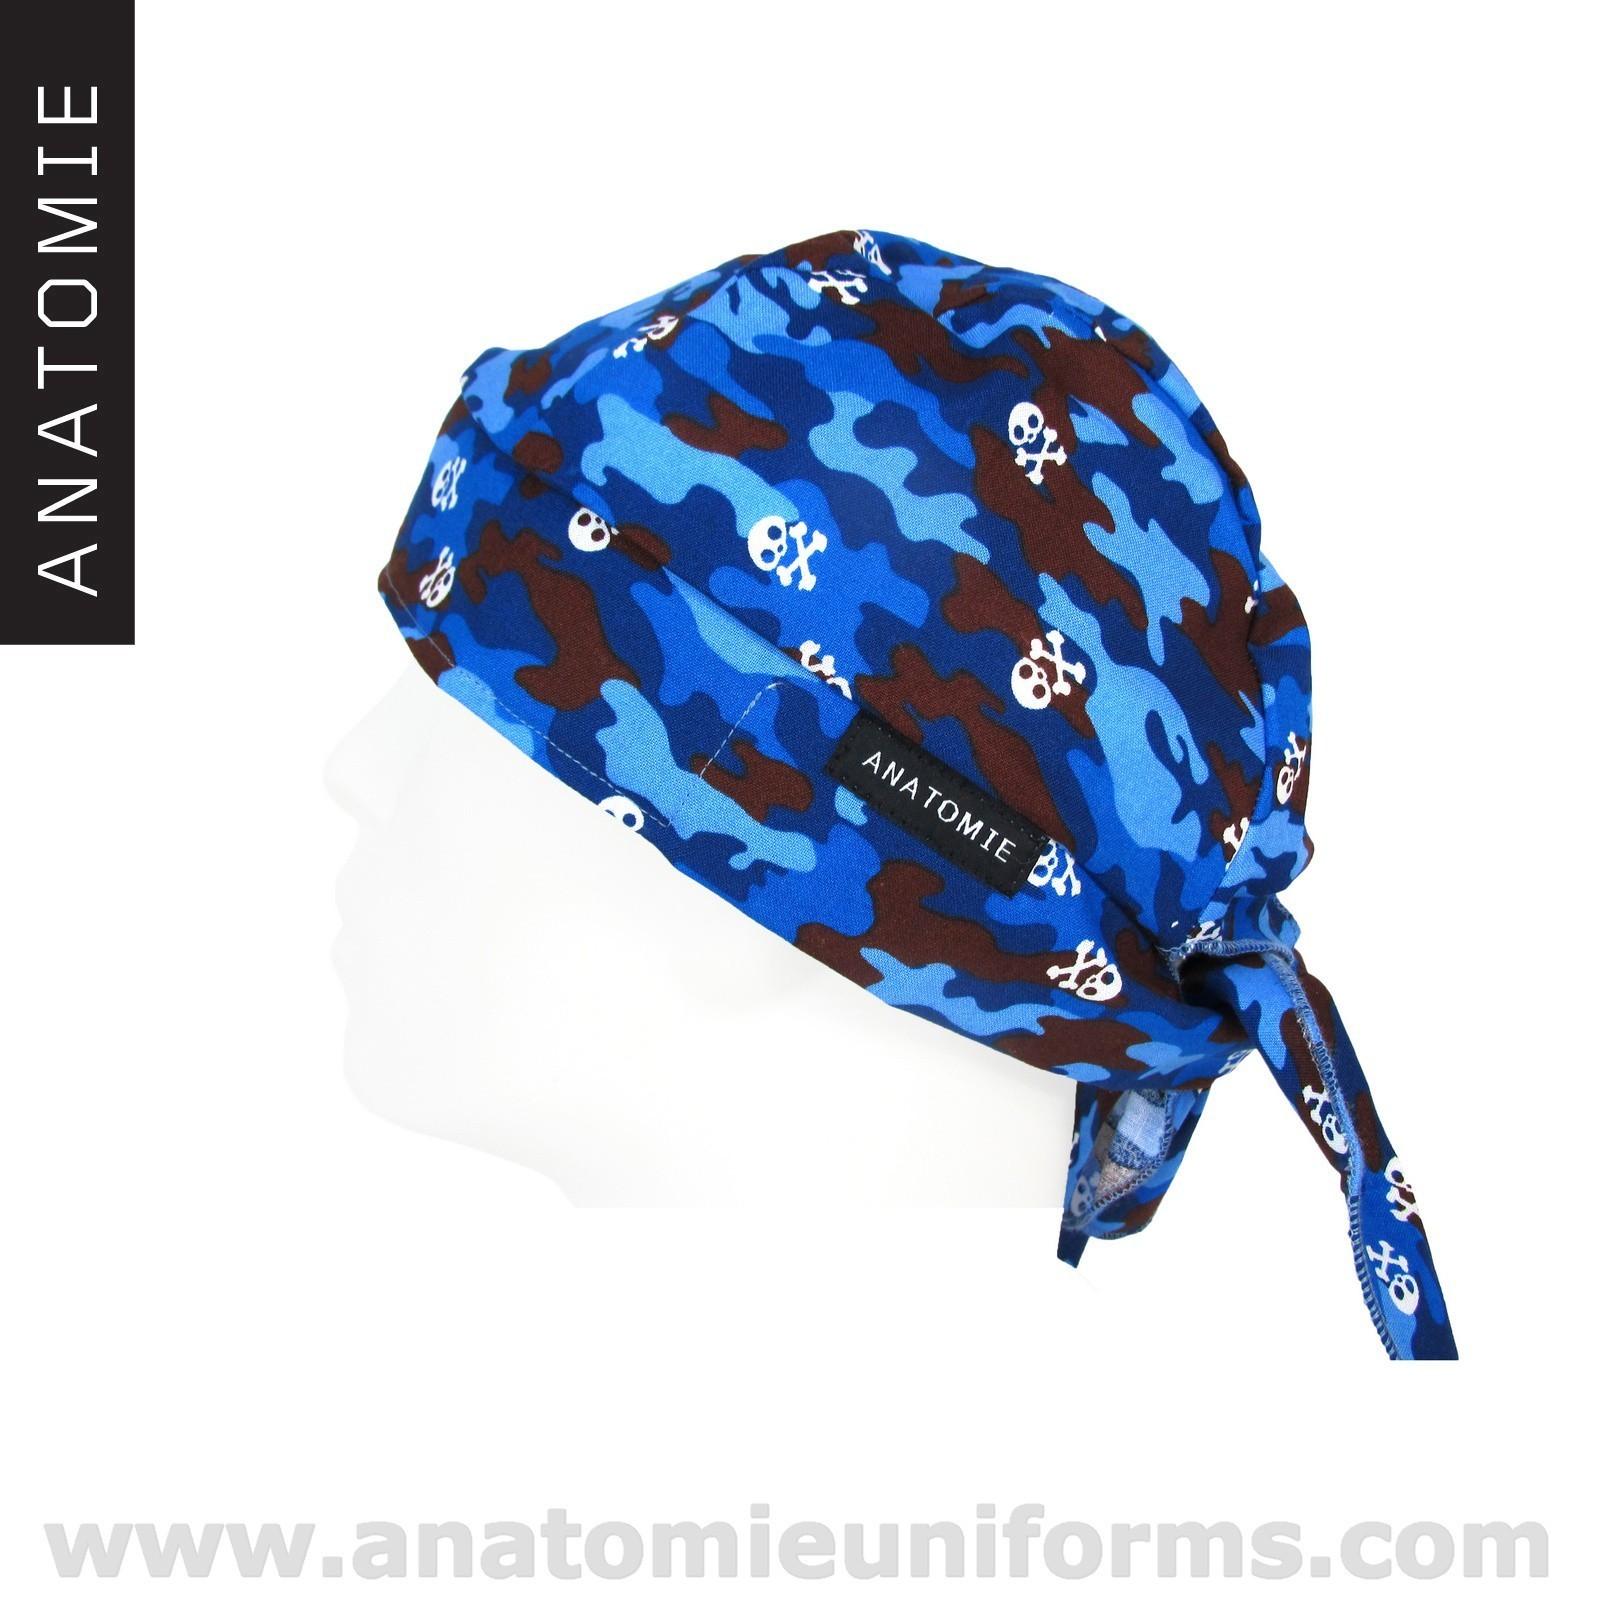 ANATOMIE BANDANA Operating Room Blue Camouflage- 019